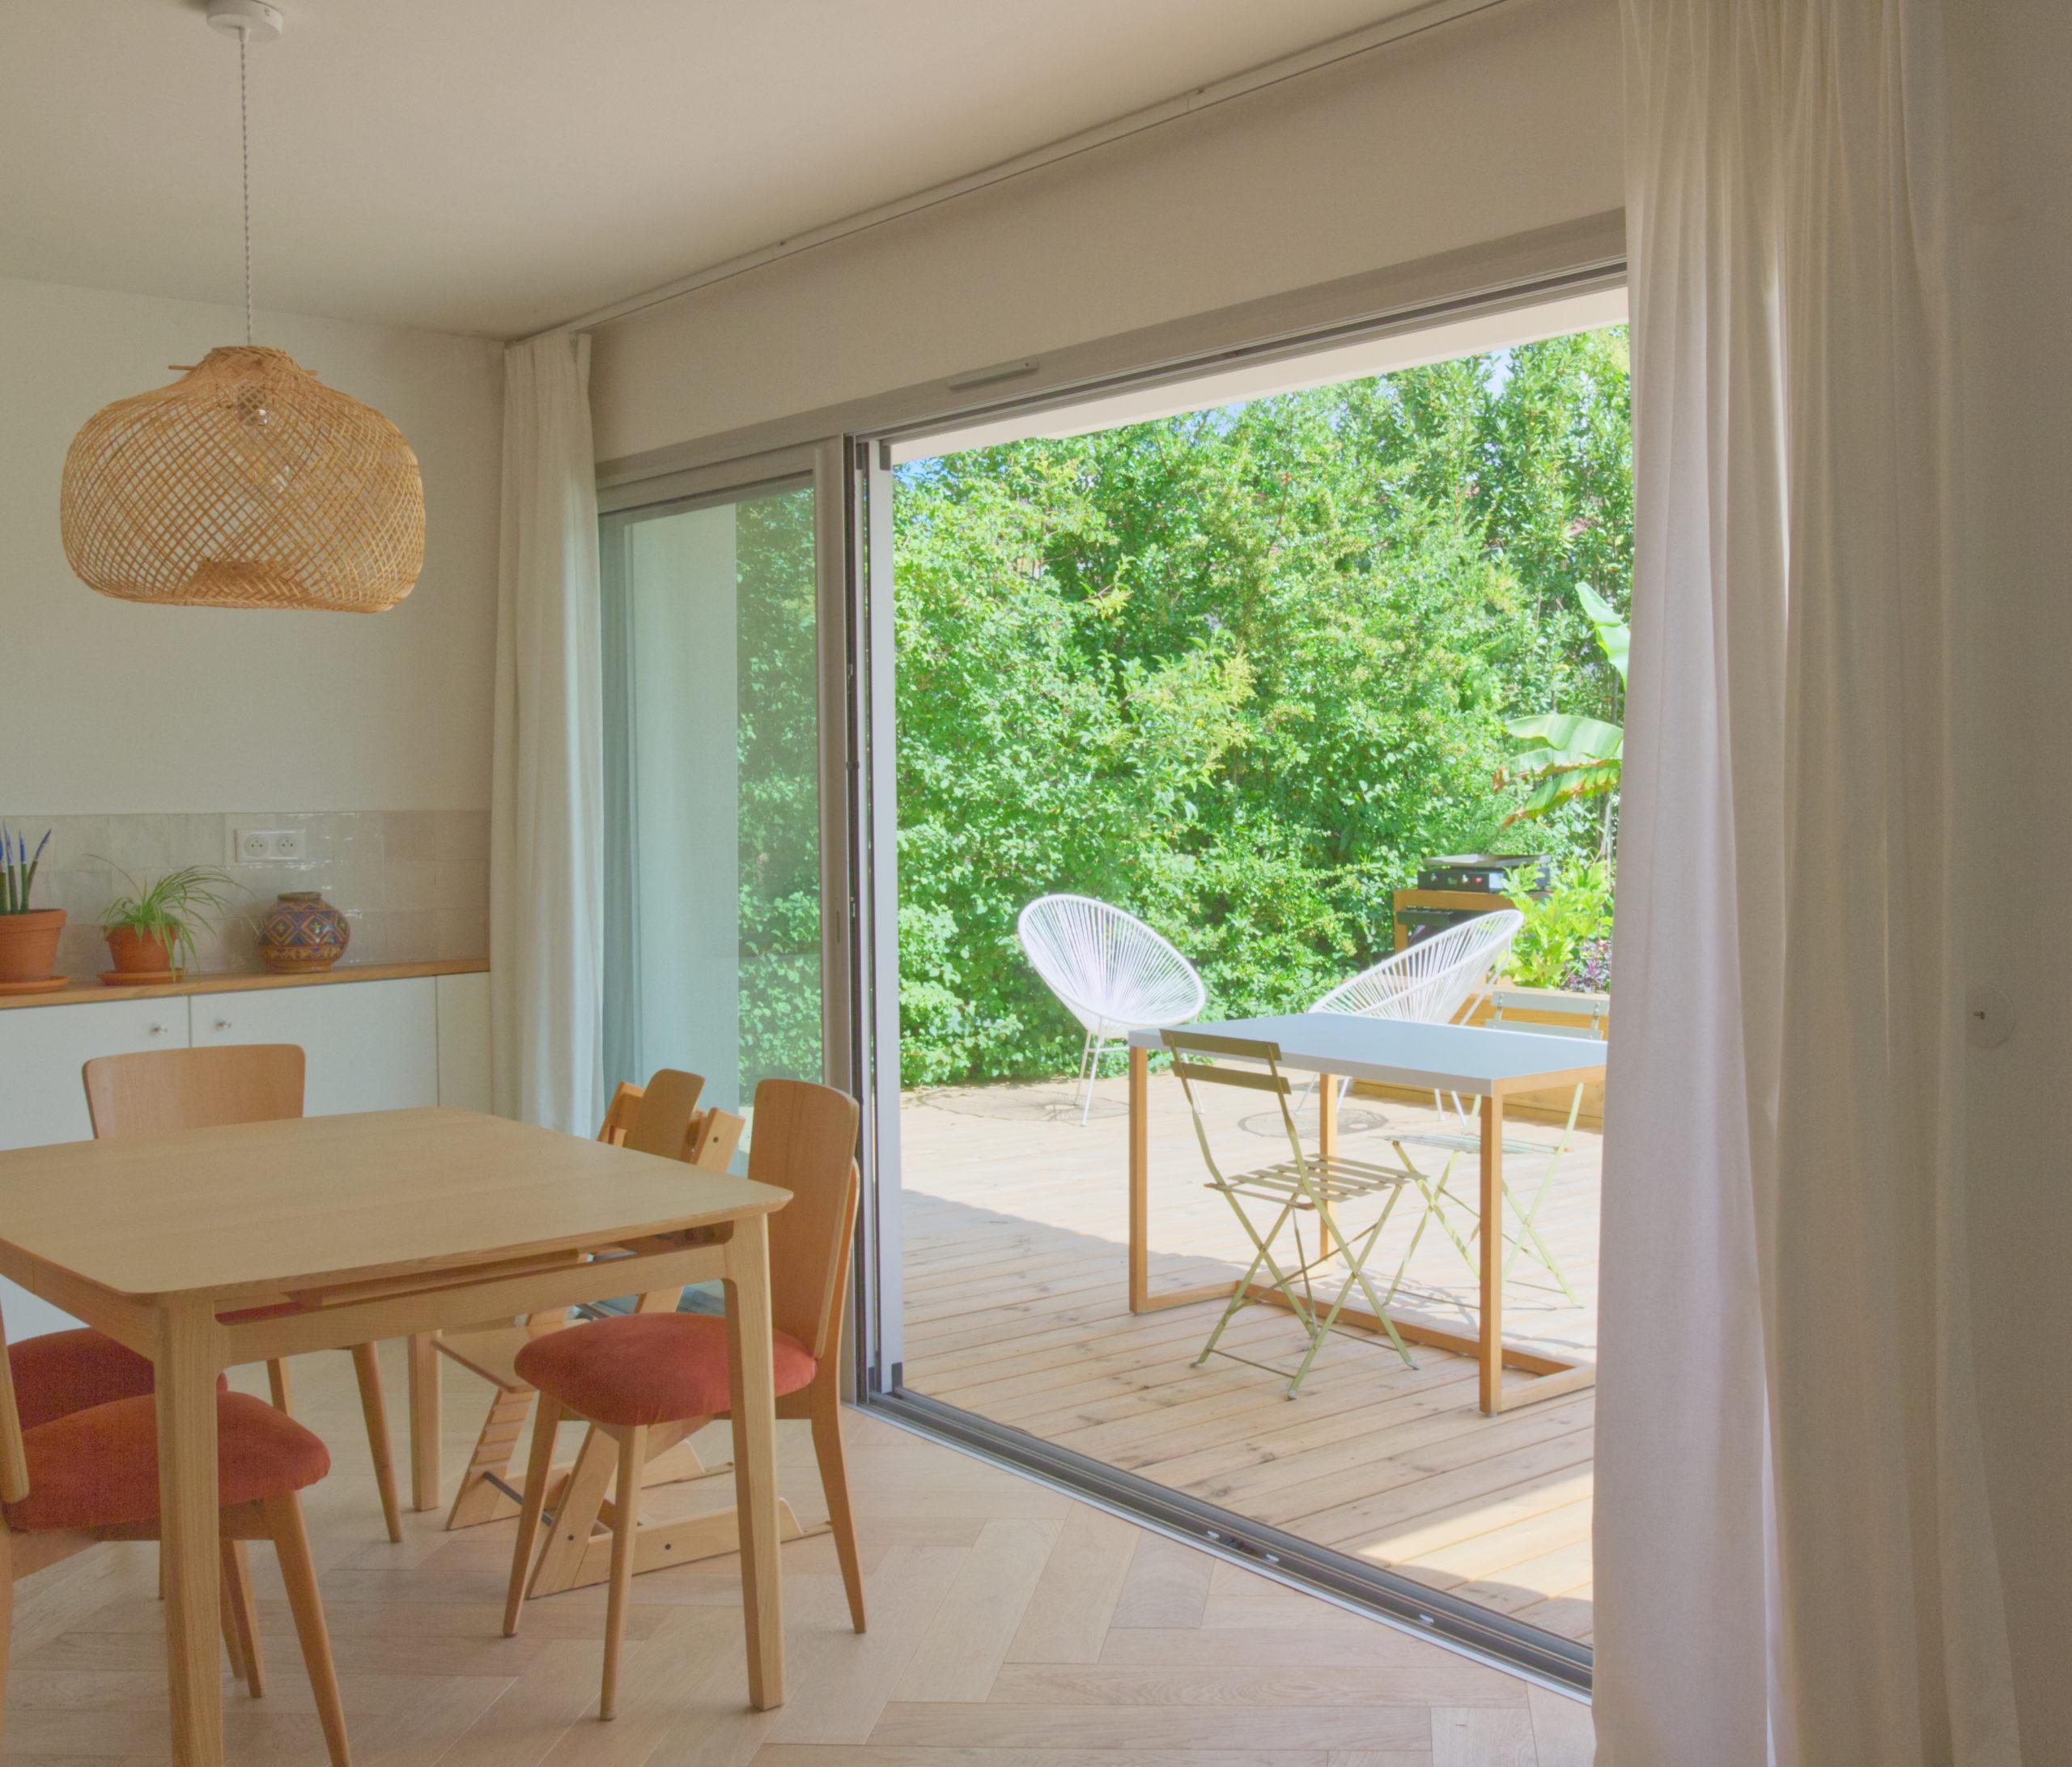 Séjour maison A- aménagement  terrasse extérieure bois-continuité intérieur-extérieur-architectes toulouse- saarchitectes